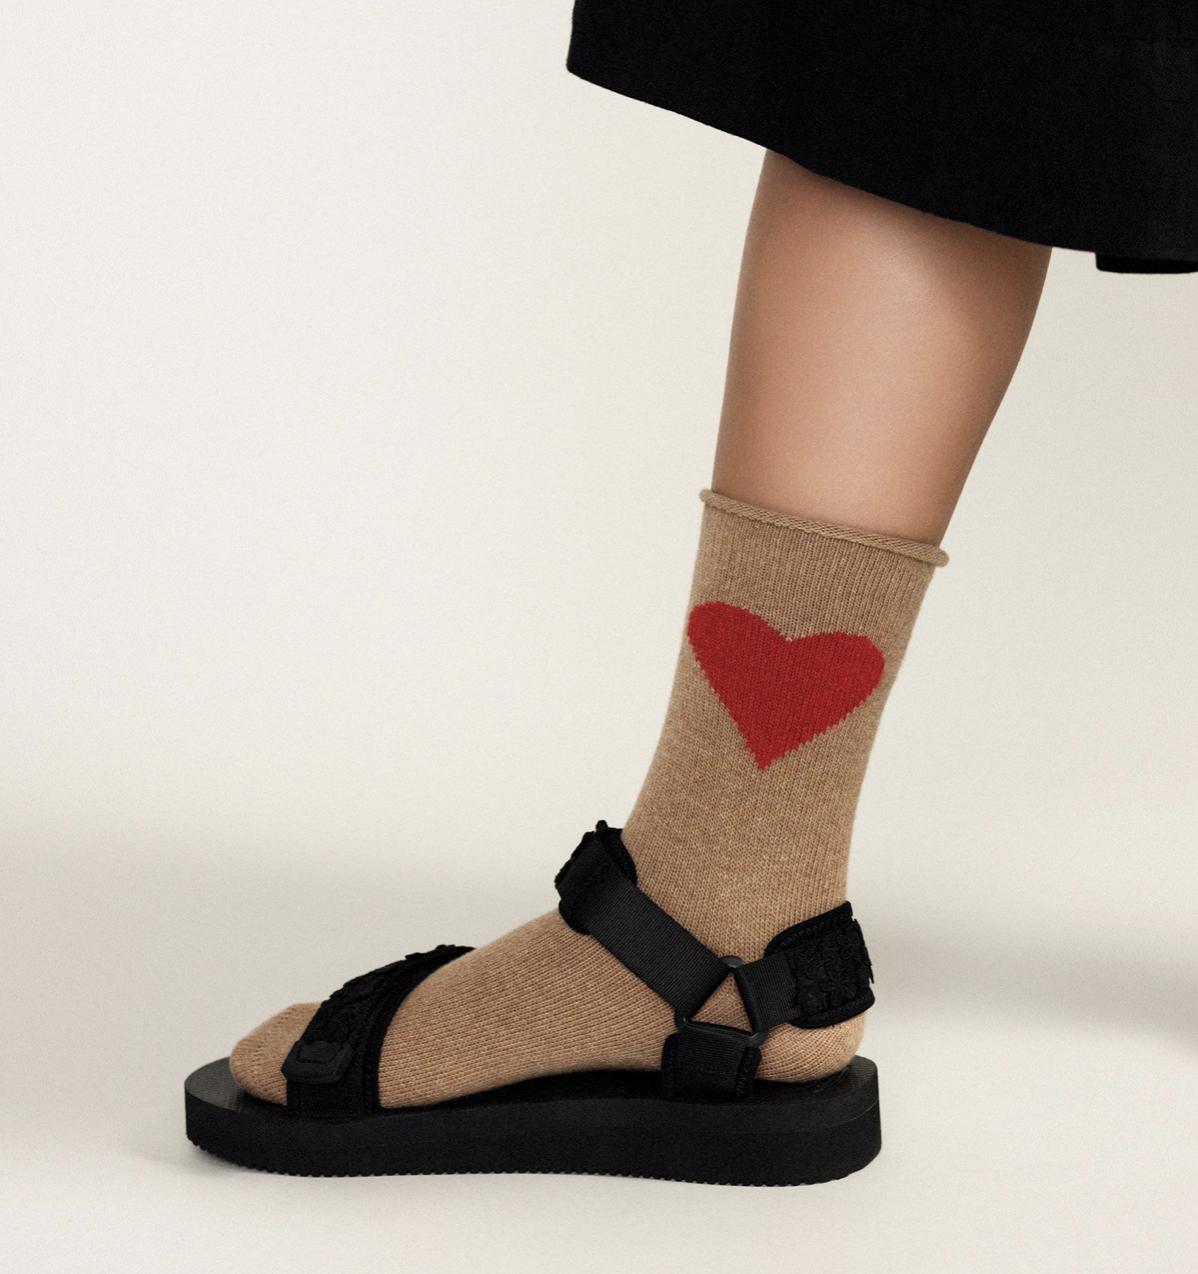 Hansel from Basel socks